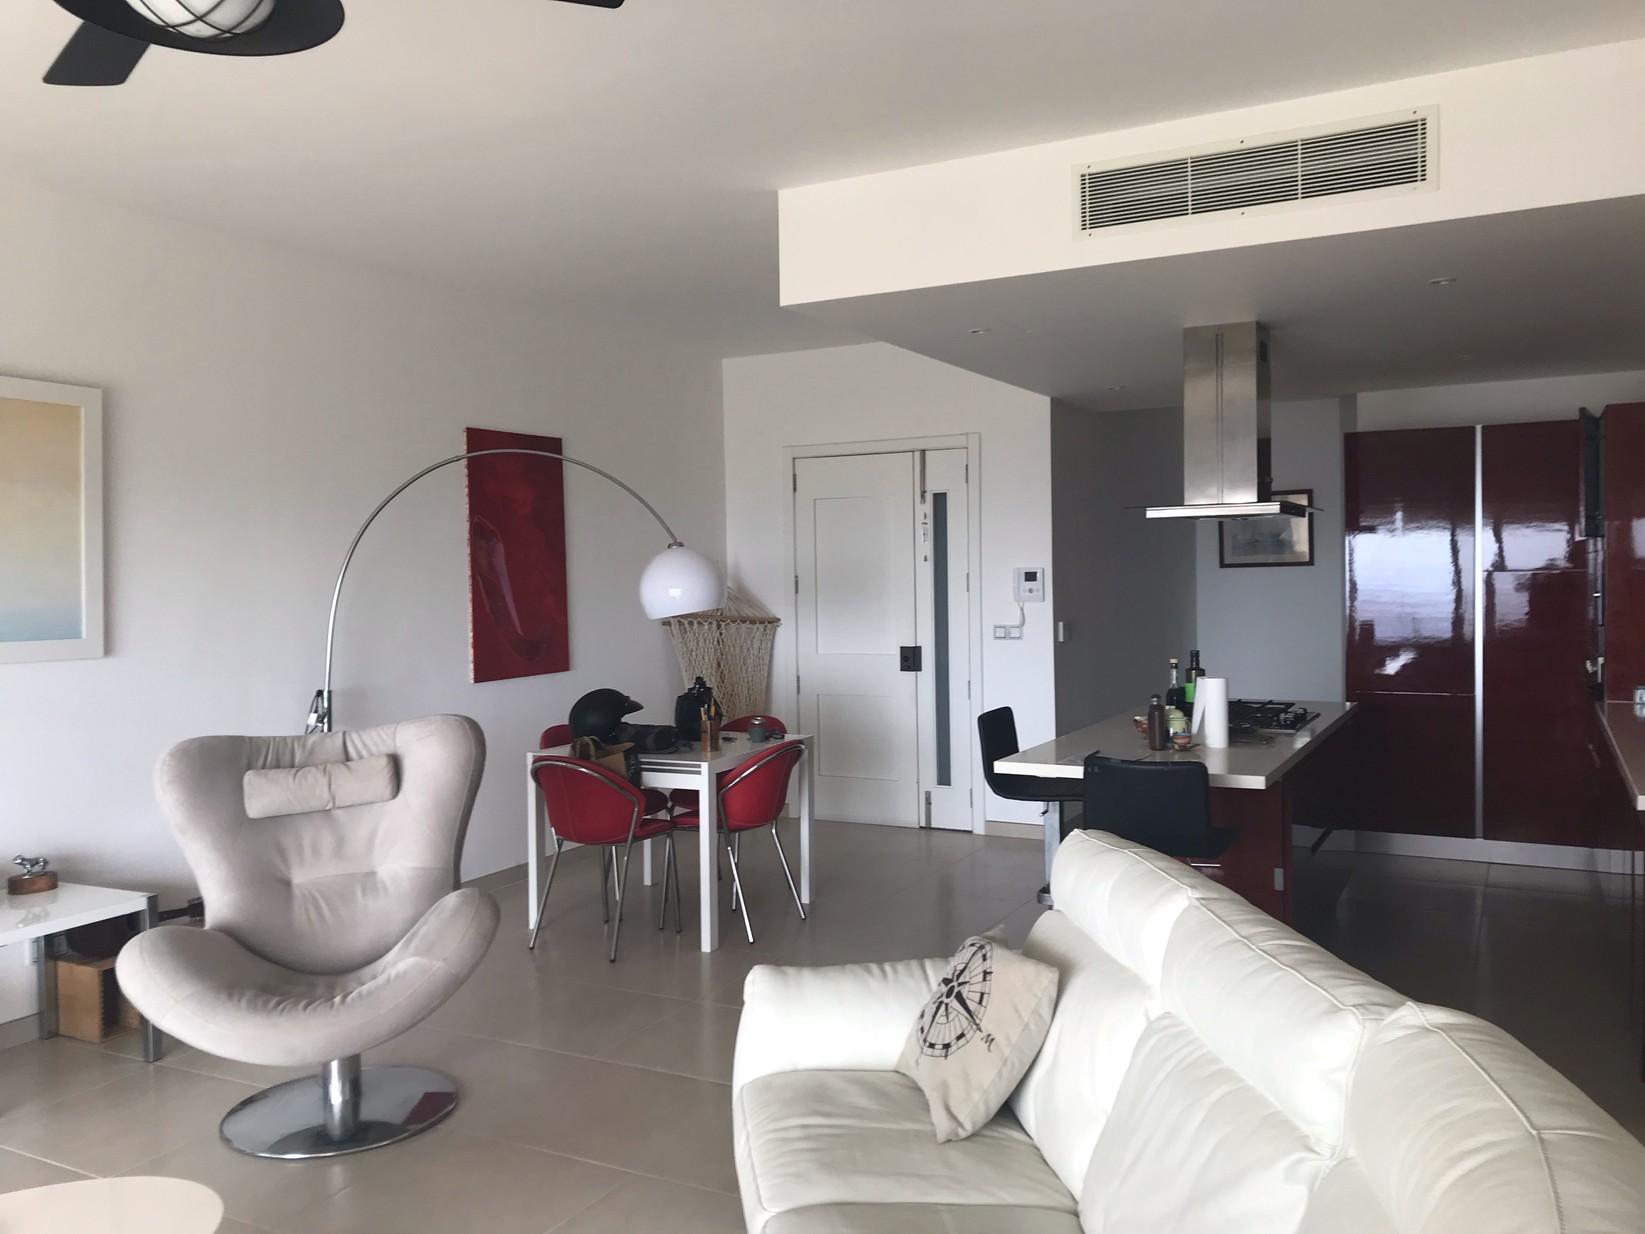 2 bed Apartment For Sale in Zebbug Gozo, Zebbug (Gozo) - thumb 5